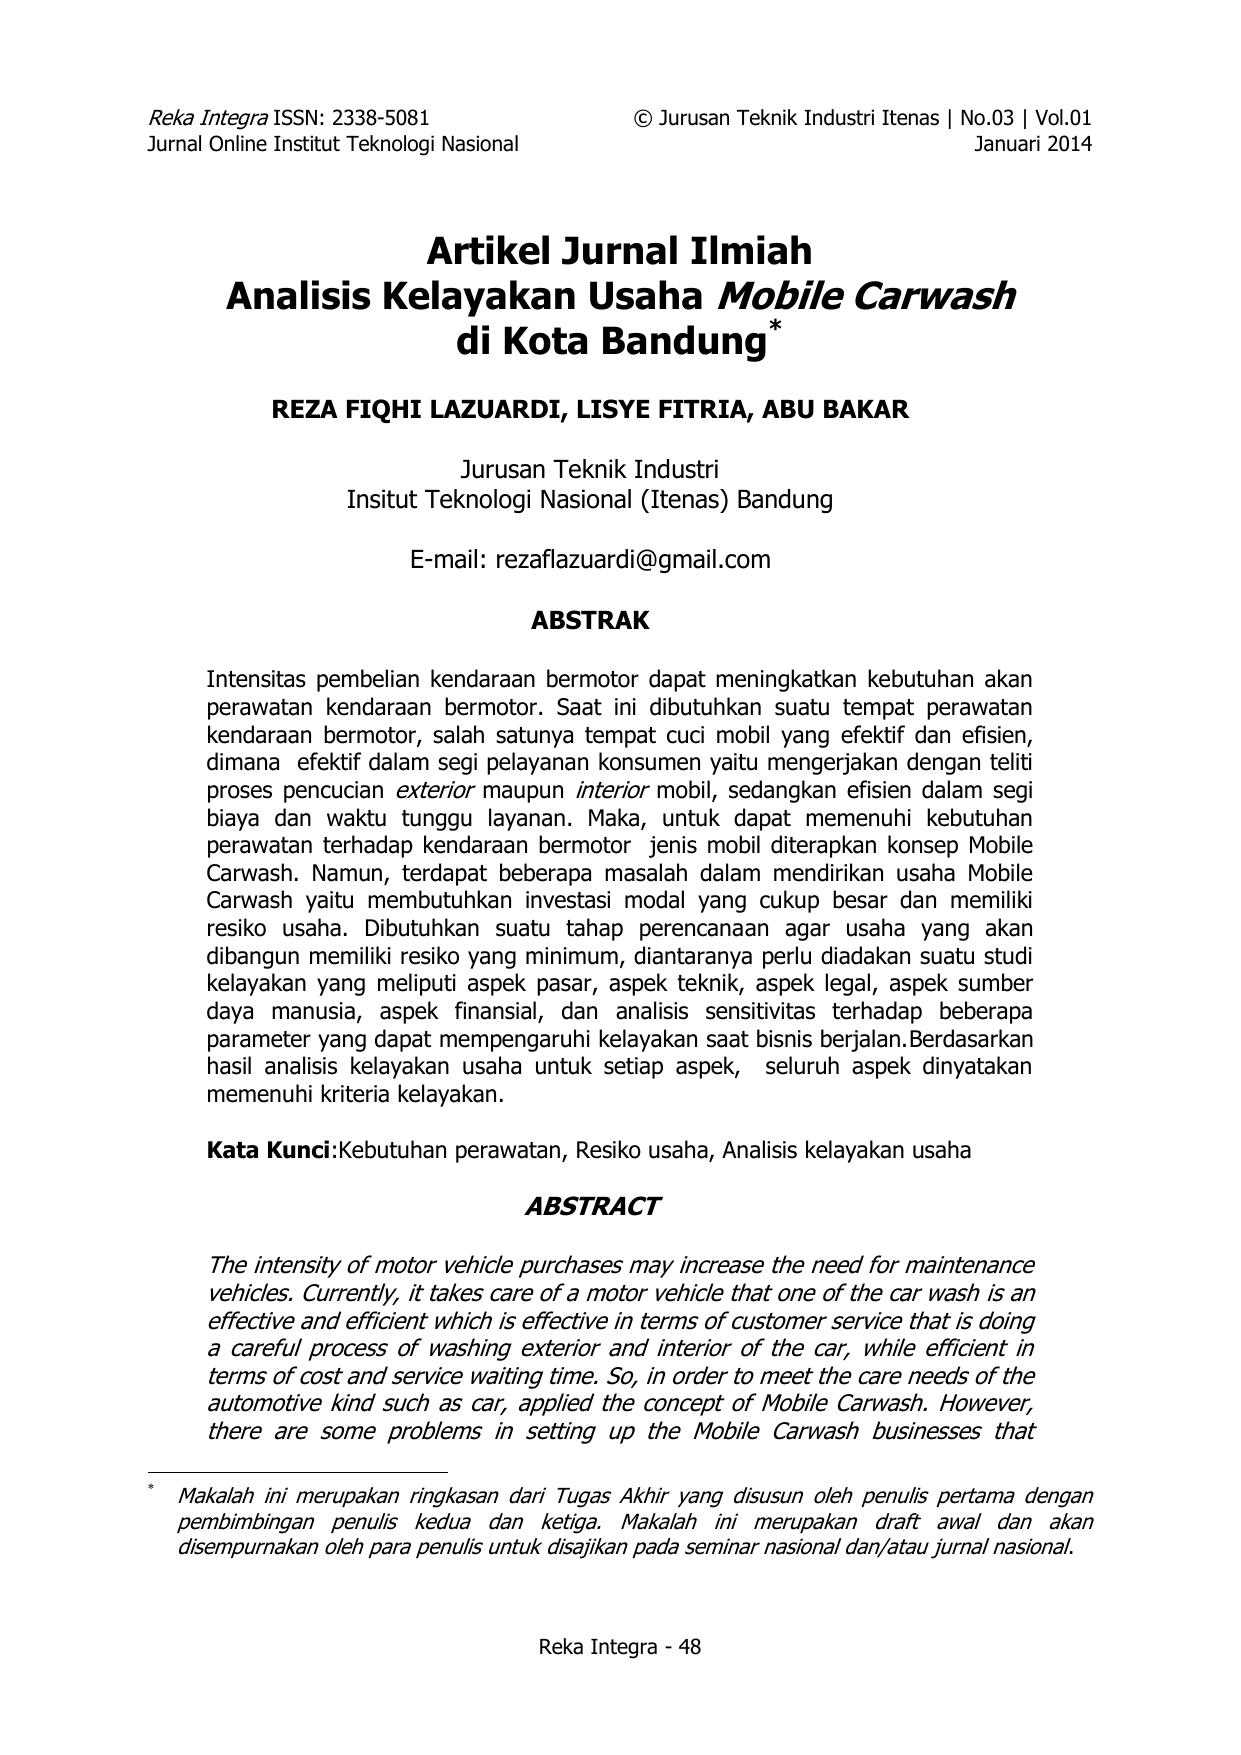 Artikel Jurnal Ilmiah Analisis Kelayakan Usaha Mobile Carwash Di